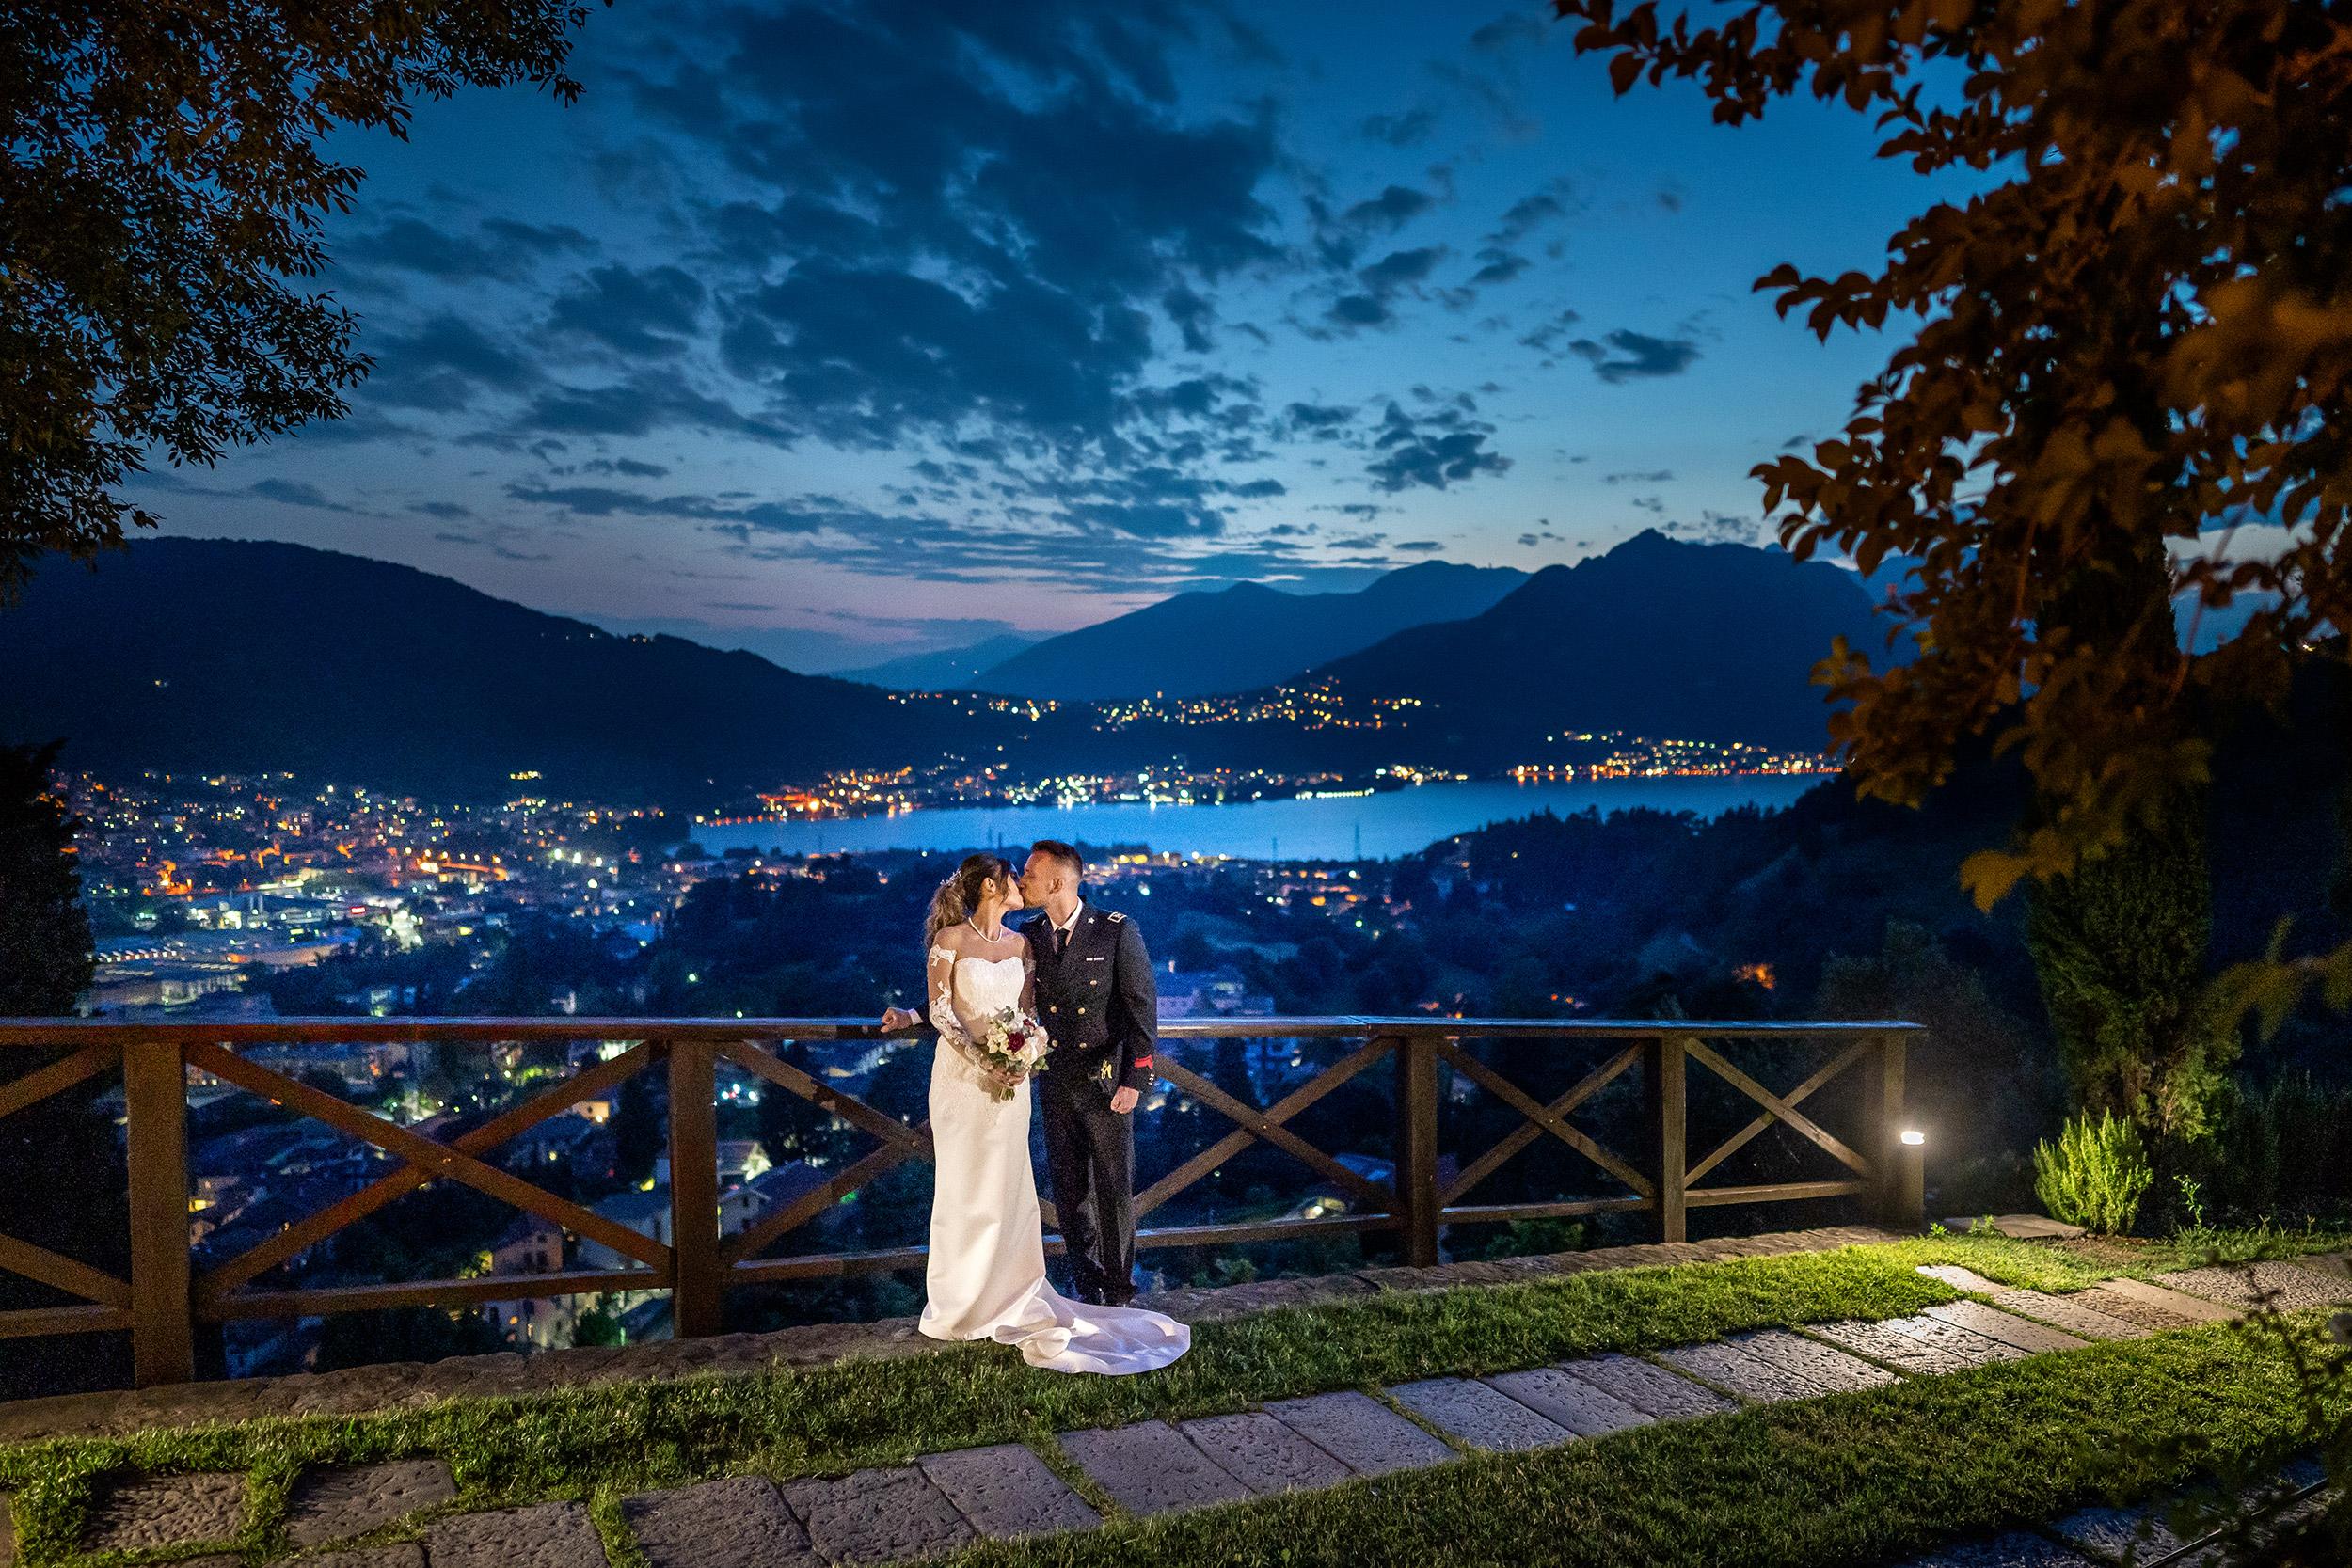 000 reportage wedding sposi foto matrimonio castello rossino lecco lago como 3